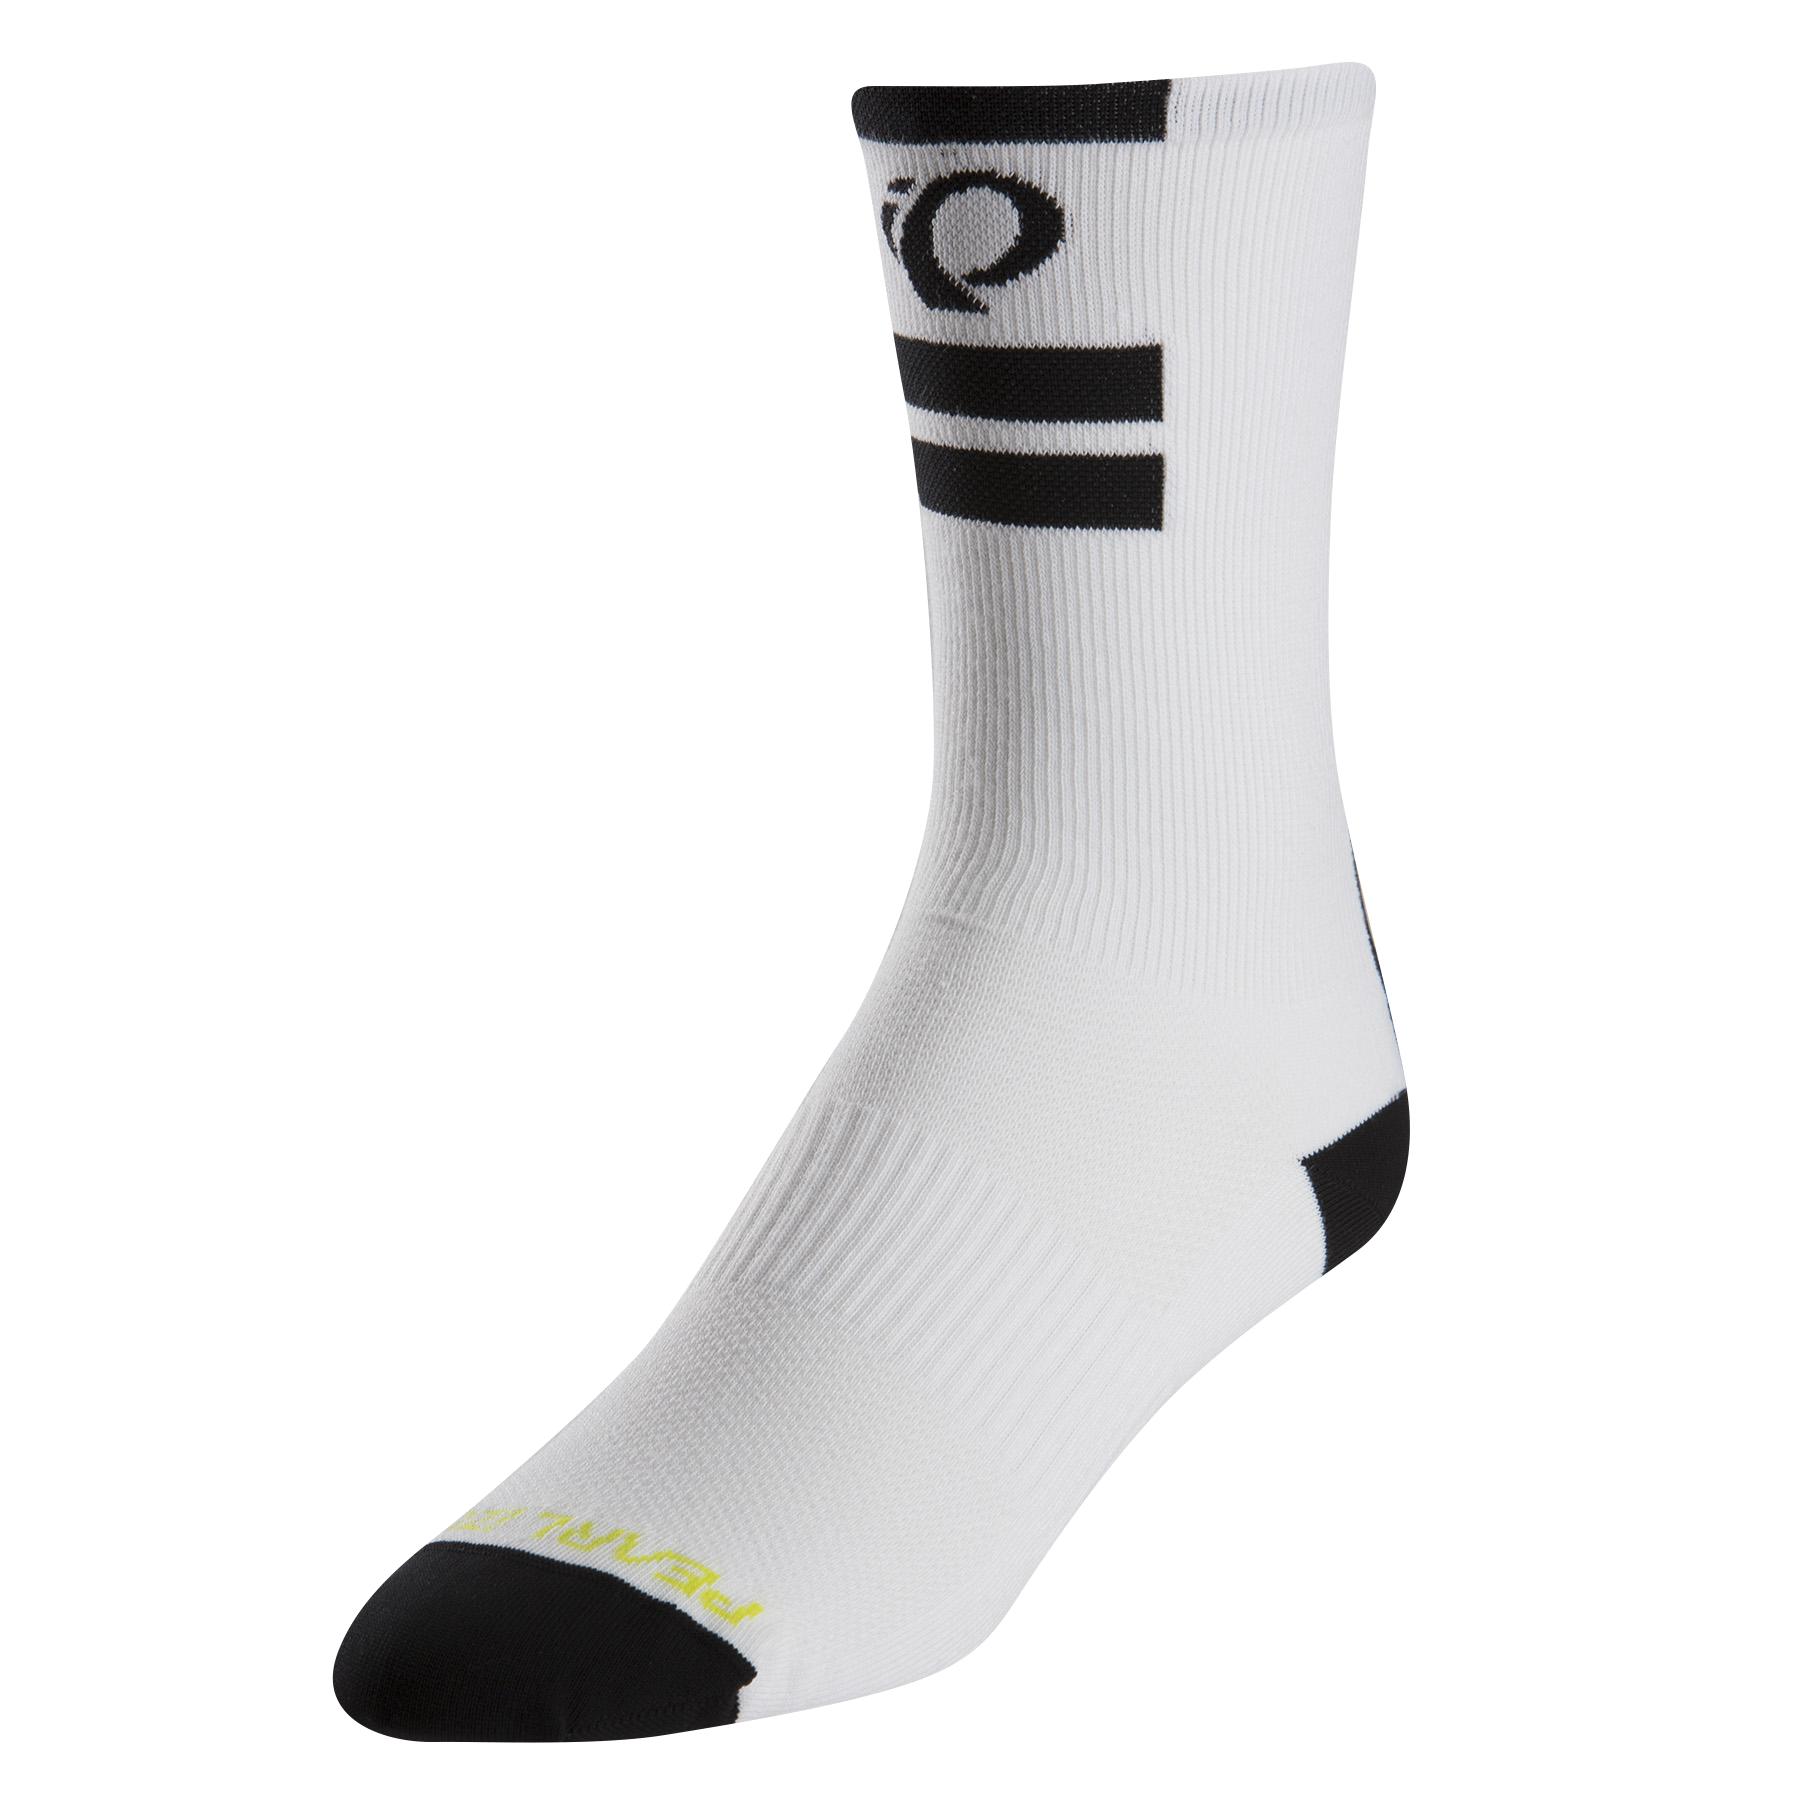 PEARL iZUMi ELITE TALL ponožky, PI CORE bílá, XL